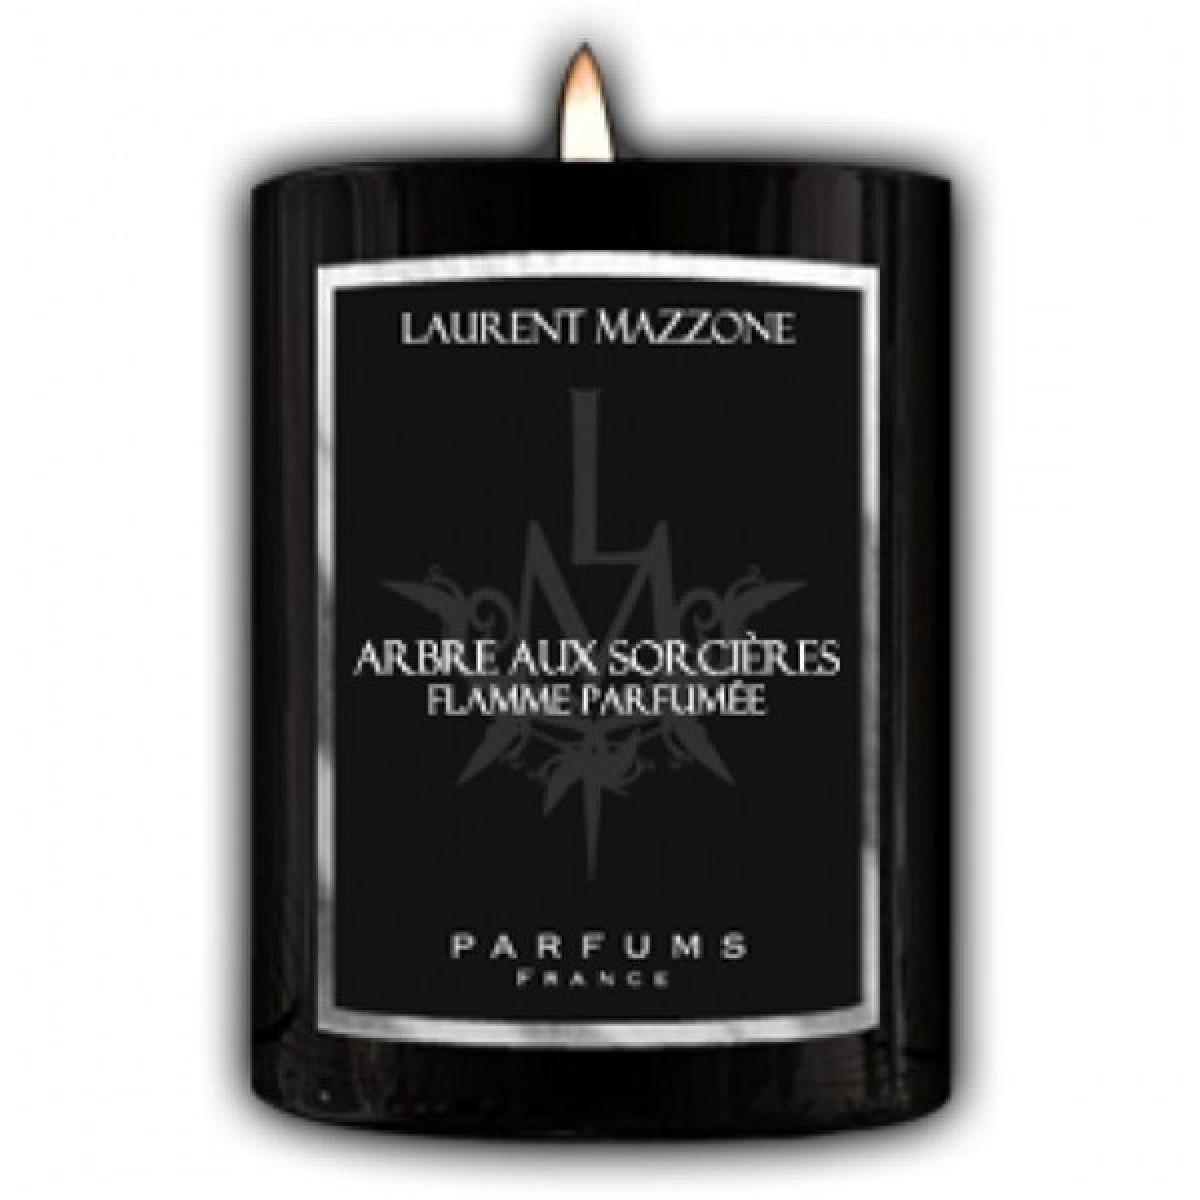 ARBRE AUX SORCIÈRES - LM Parfums